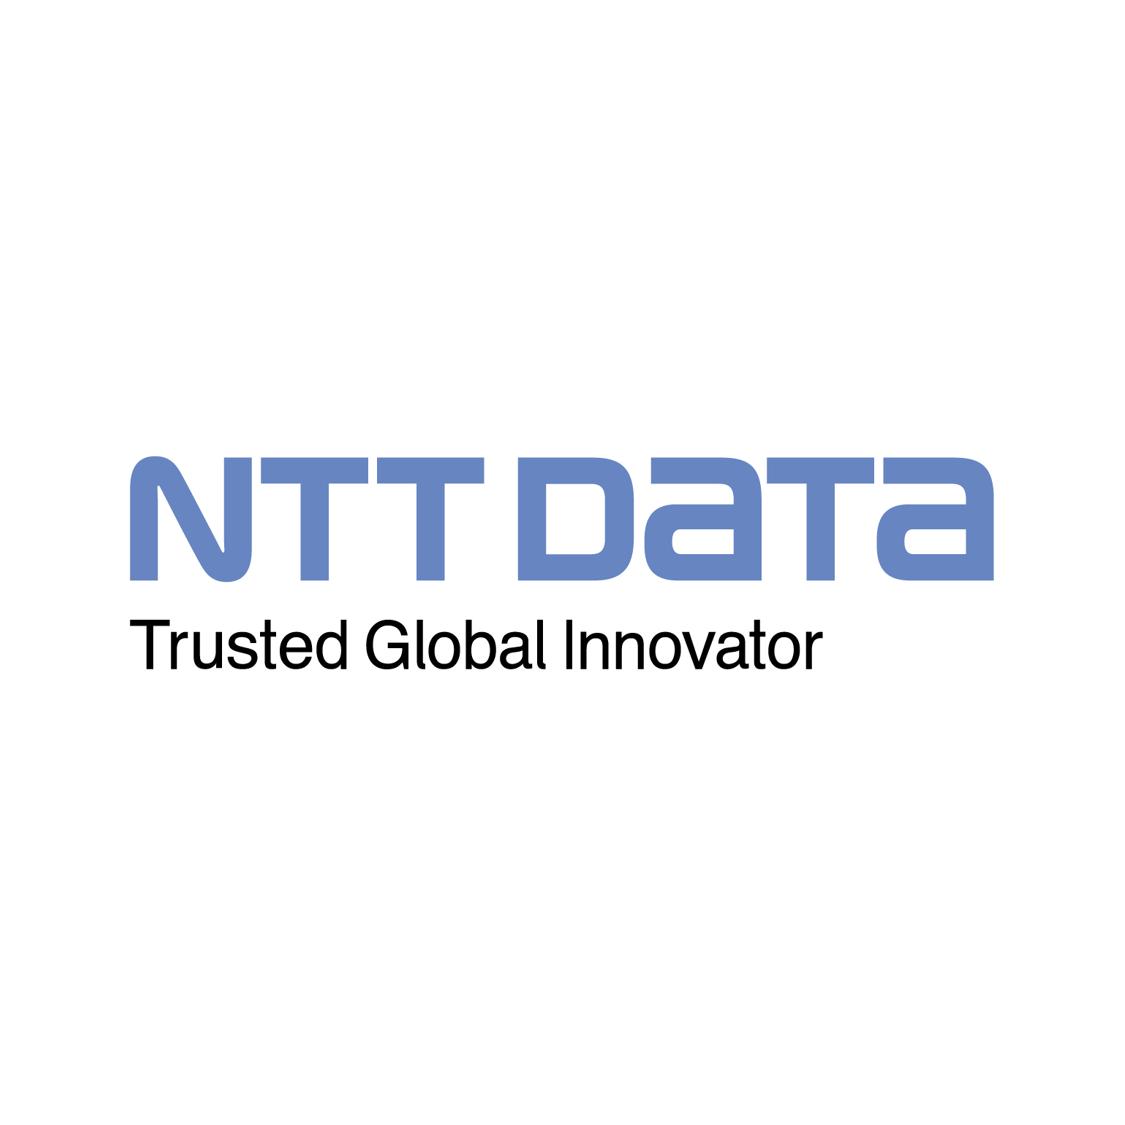 NTTデータ ロゴ